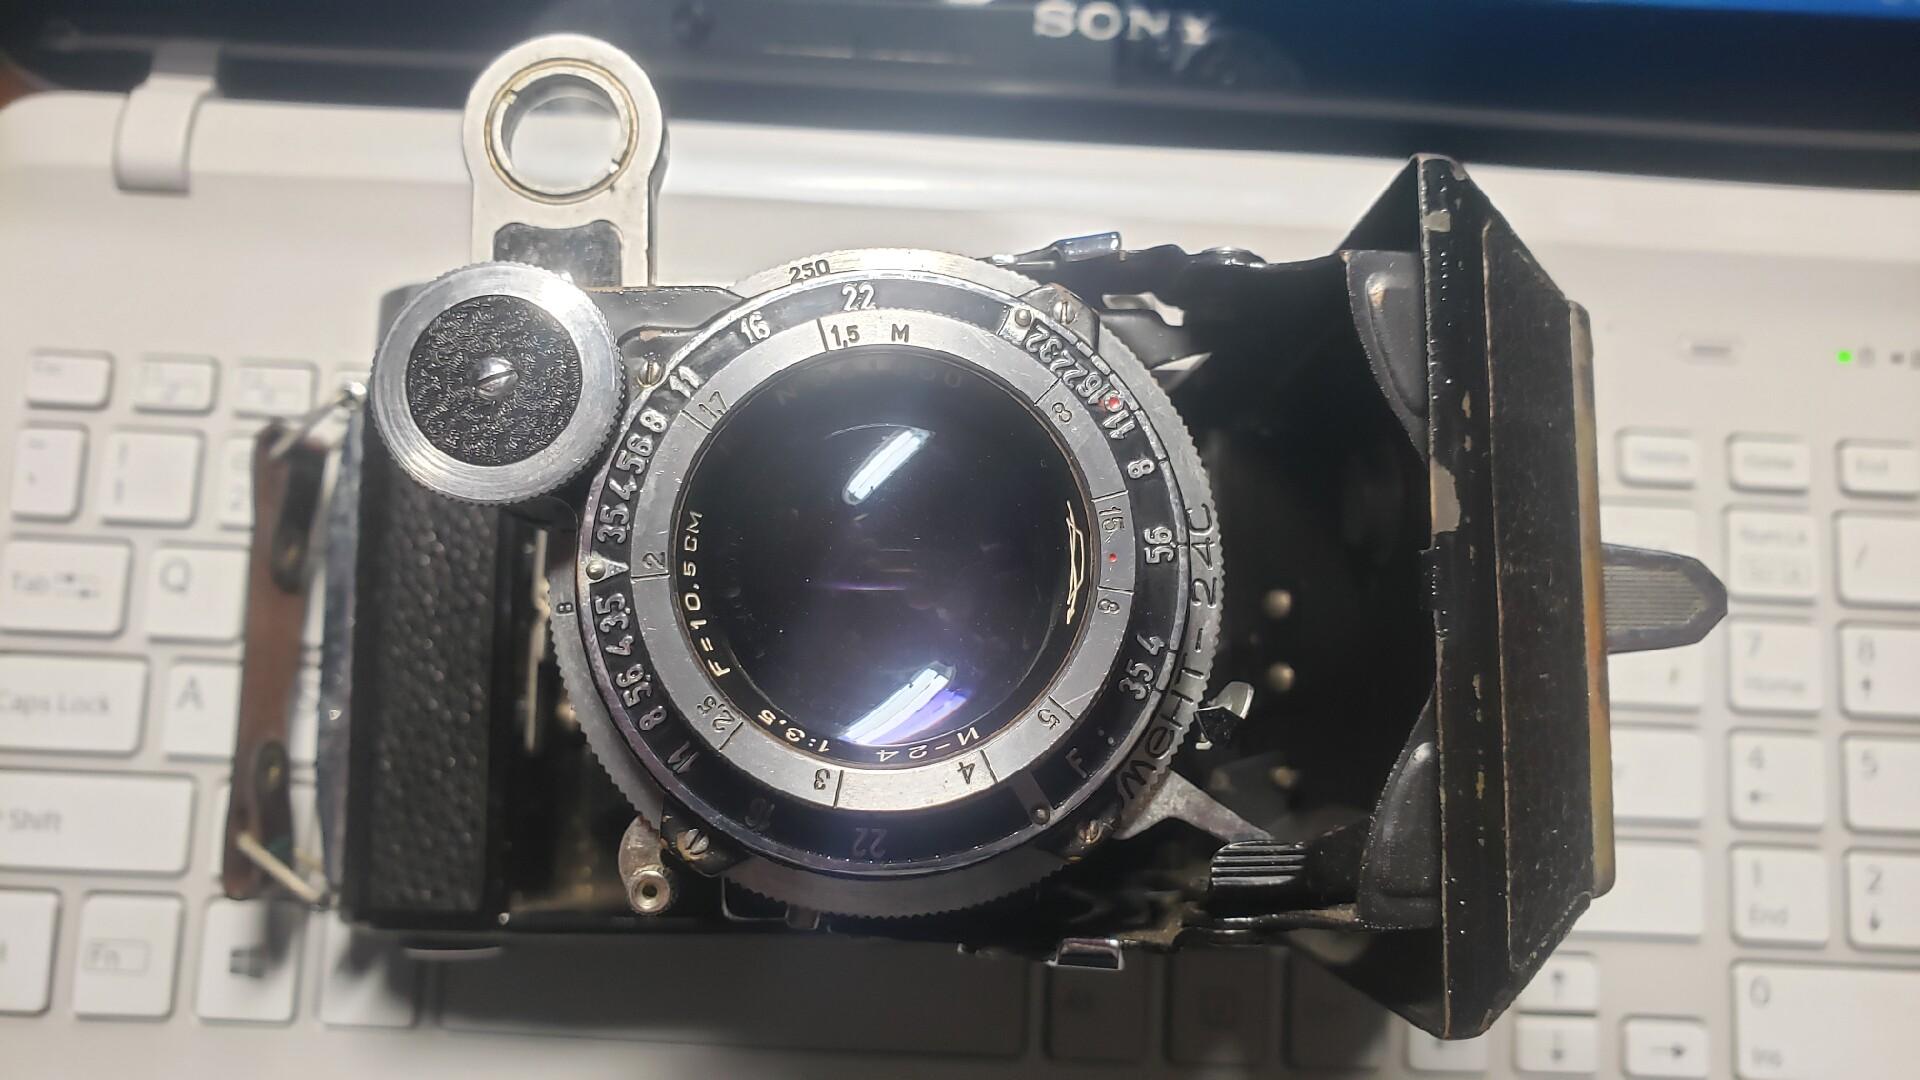 苏联莫斯科5胶片照相机,俗称大8张,一卷120胶片可以拍8张